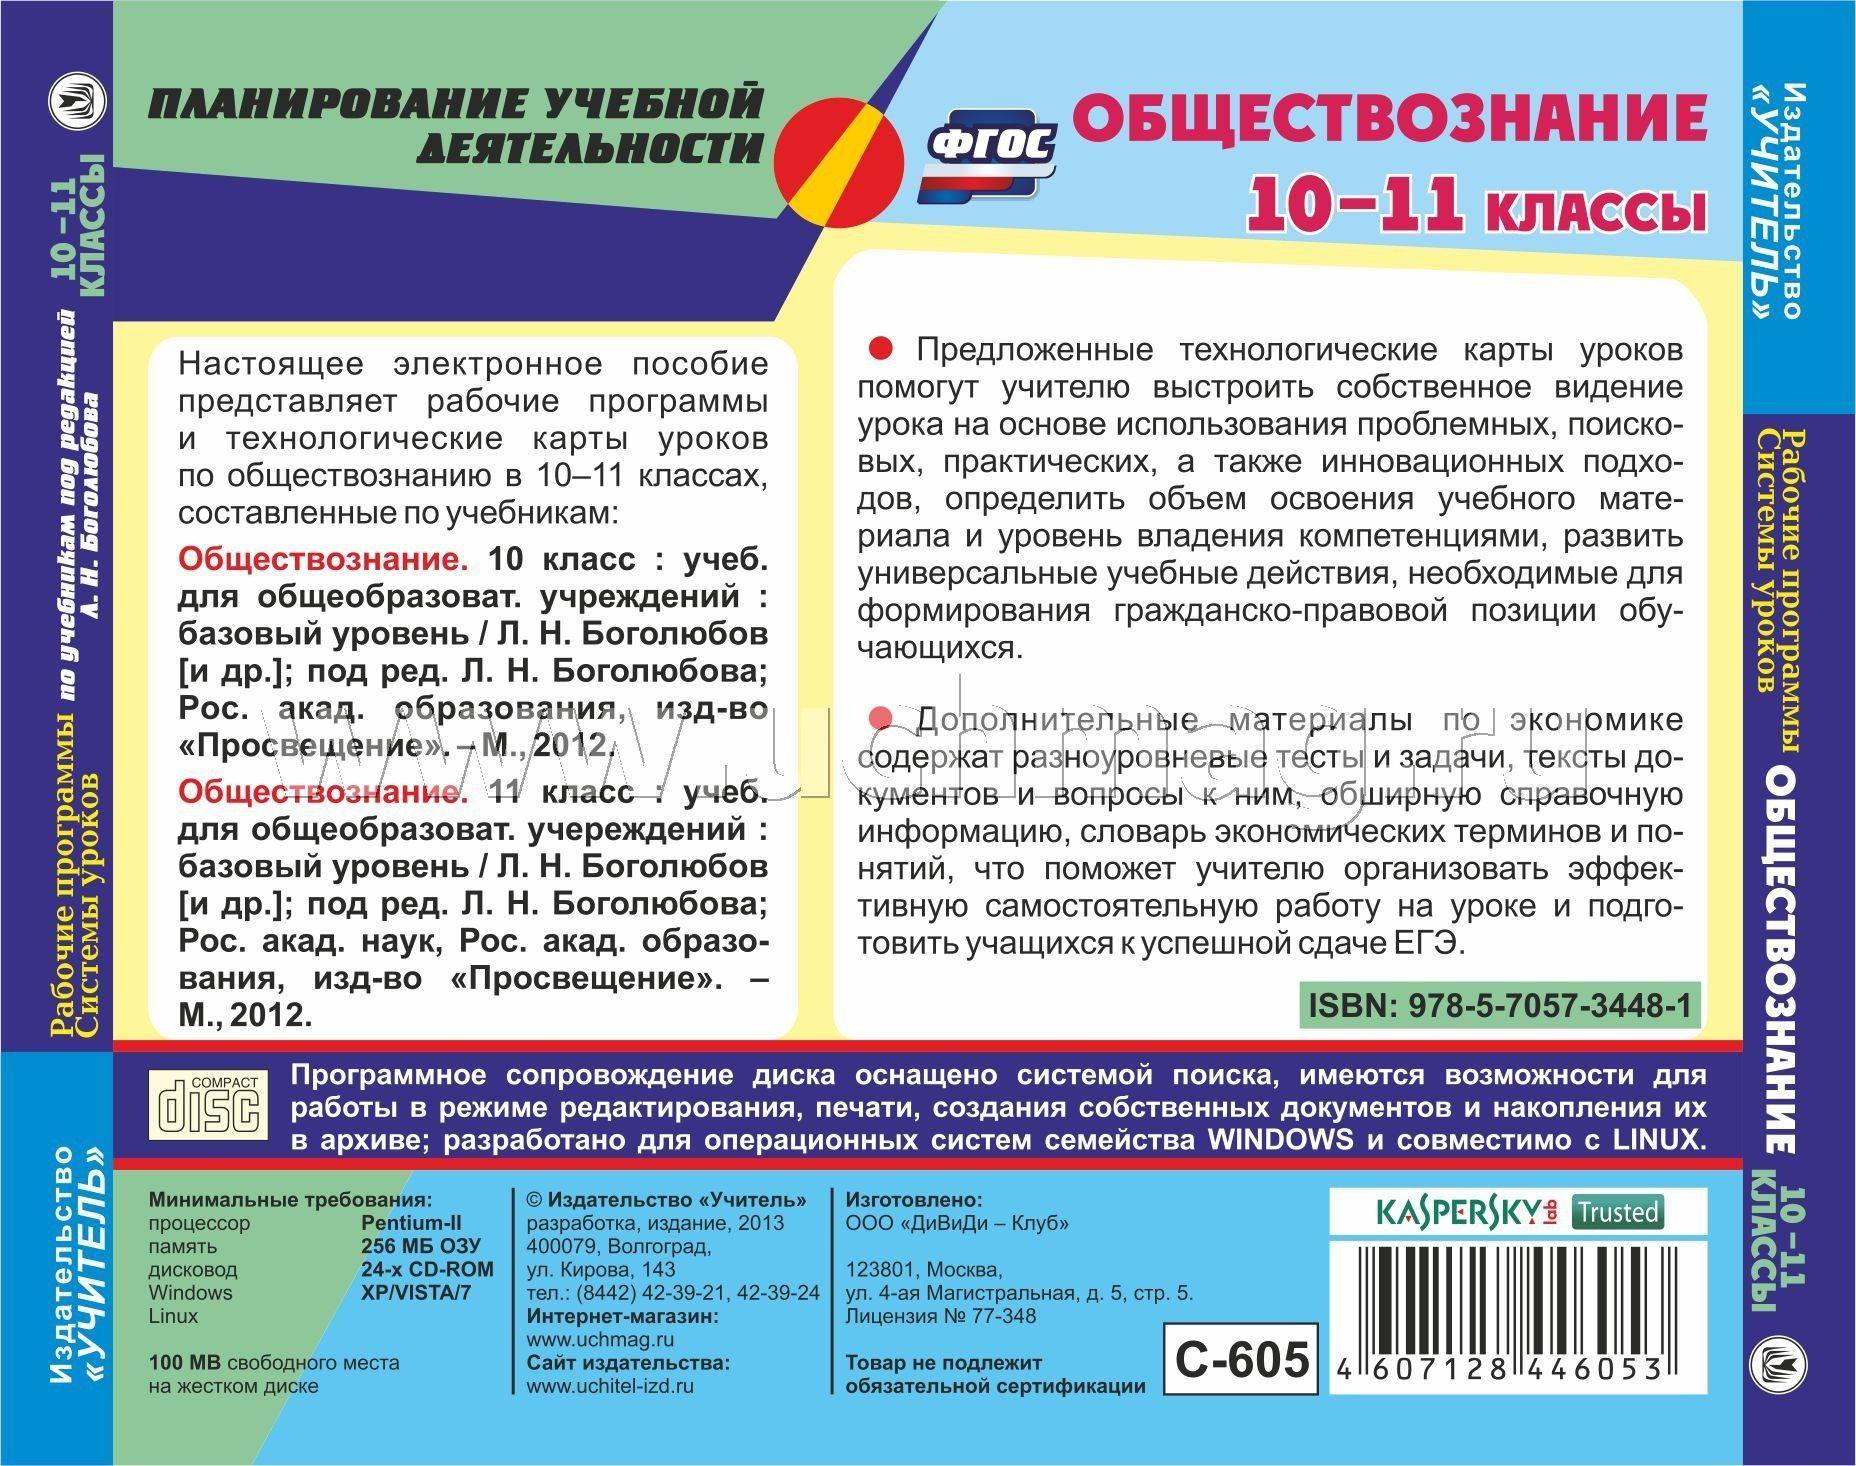 Решебник по математики3класа с руским языком часть 1 т м чеботаревская в л дрозд а а столяр